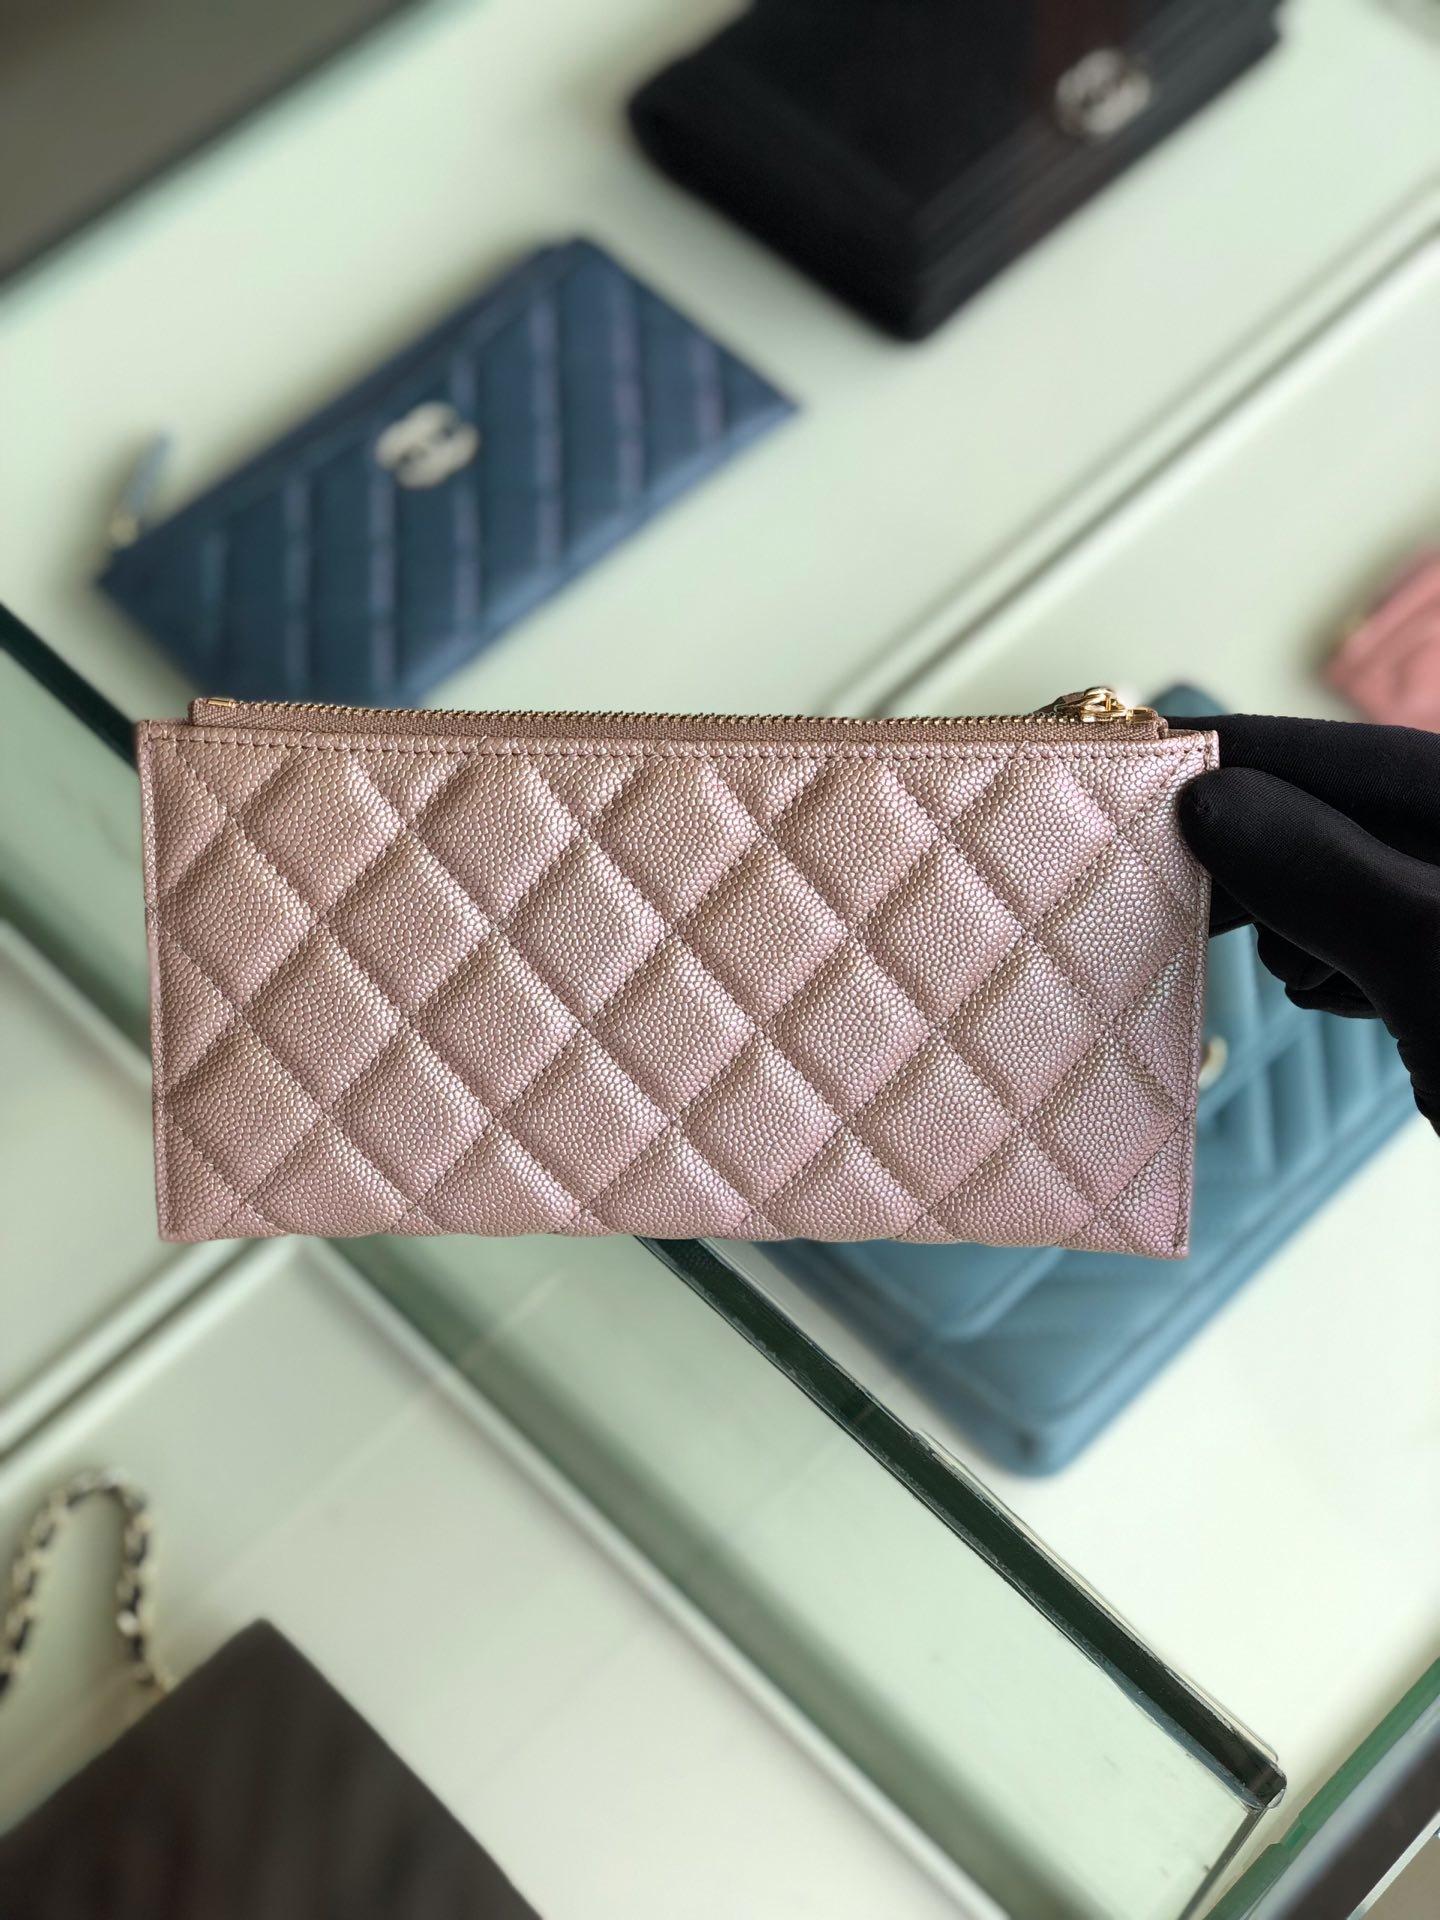 Chanel 2019最新款幻彩颗粒压花牛皮革零钱包卡包钥匙包(图2)